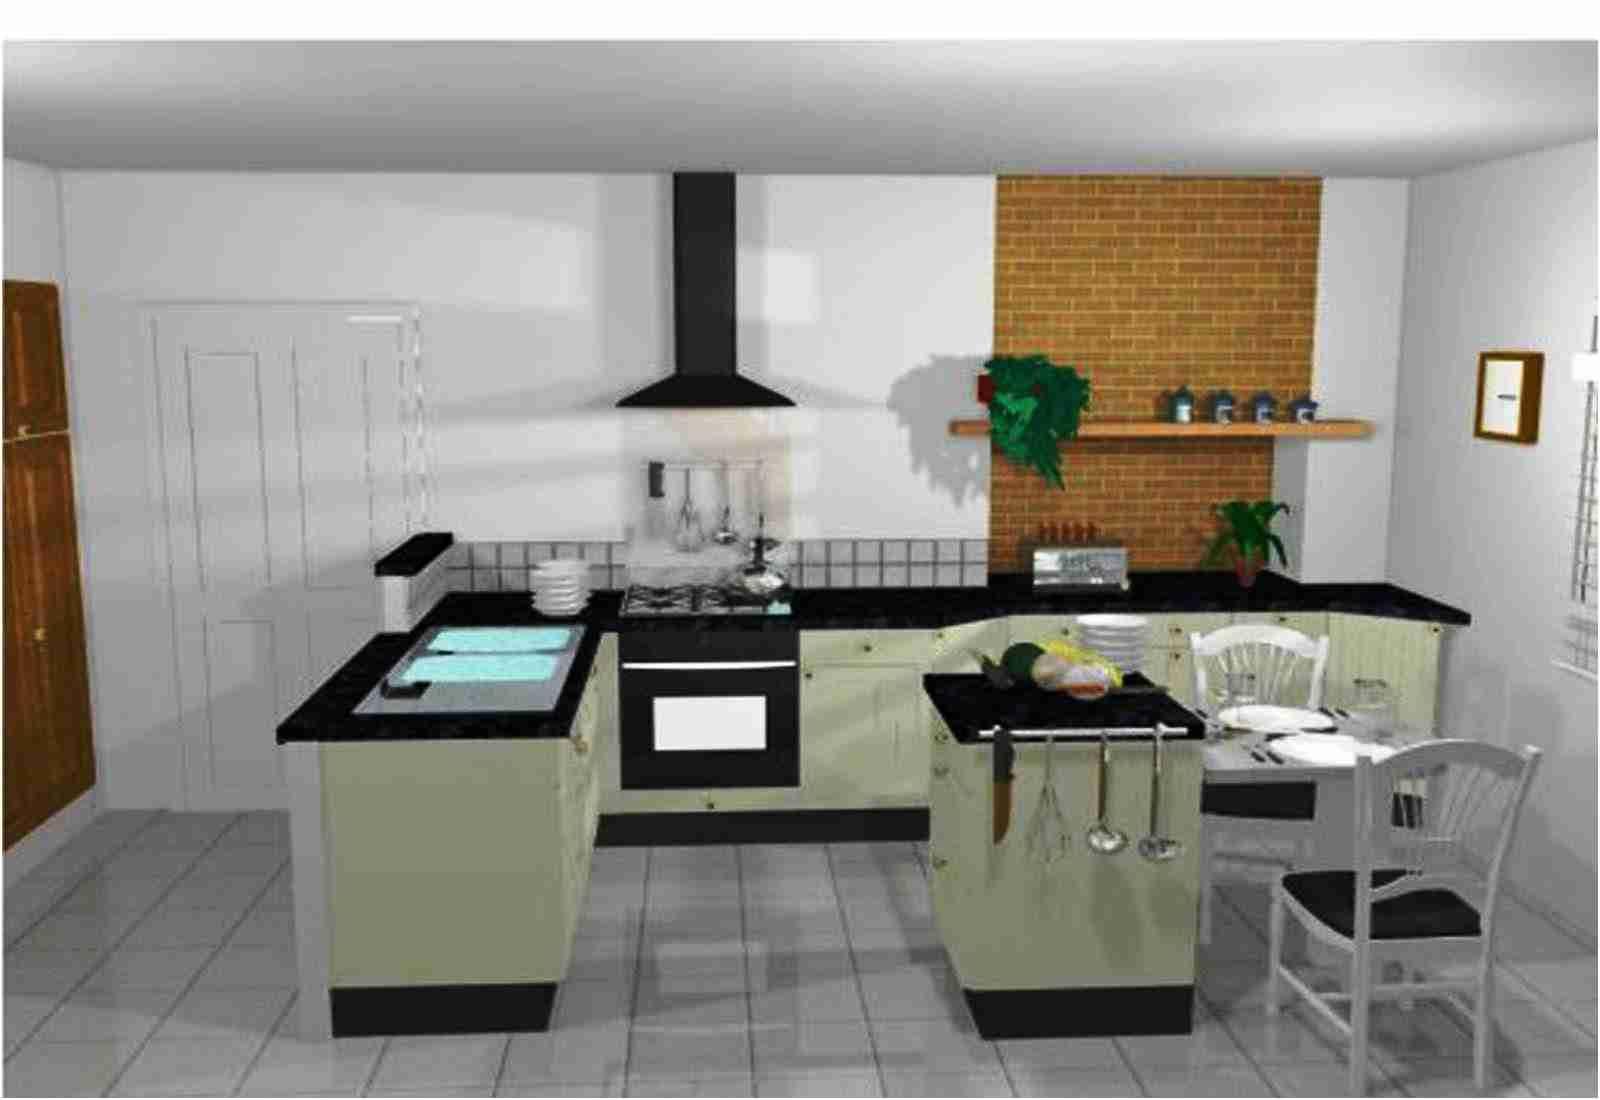 Cuisine Ilot Nice Ilot Central Dans Petite Cuisine Cuisine En Image En 2020 Avec Images Idee Amenagement Cuisine Cuisine Blanche Et Bois Cuisine Moderne